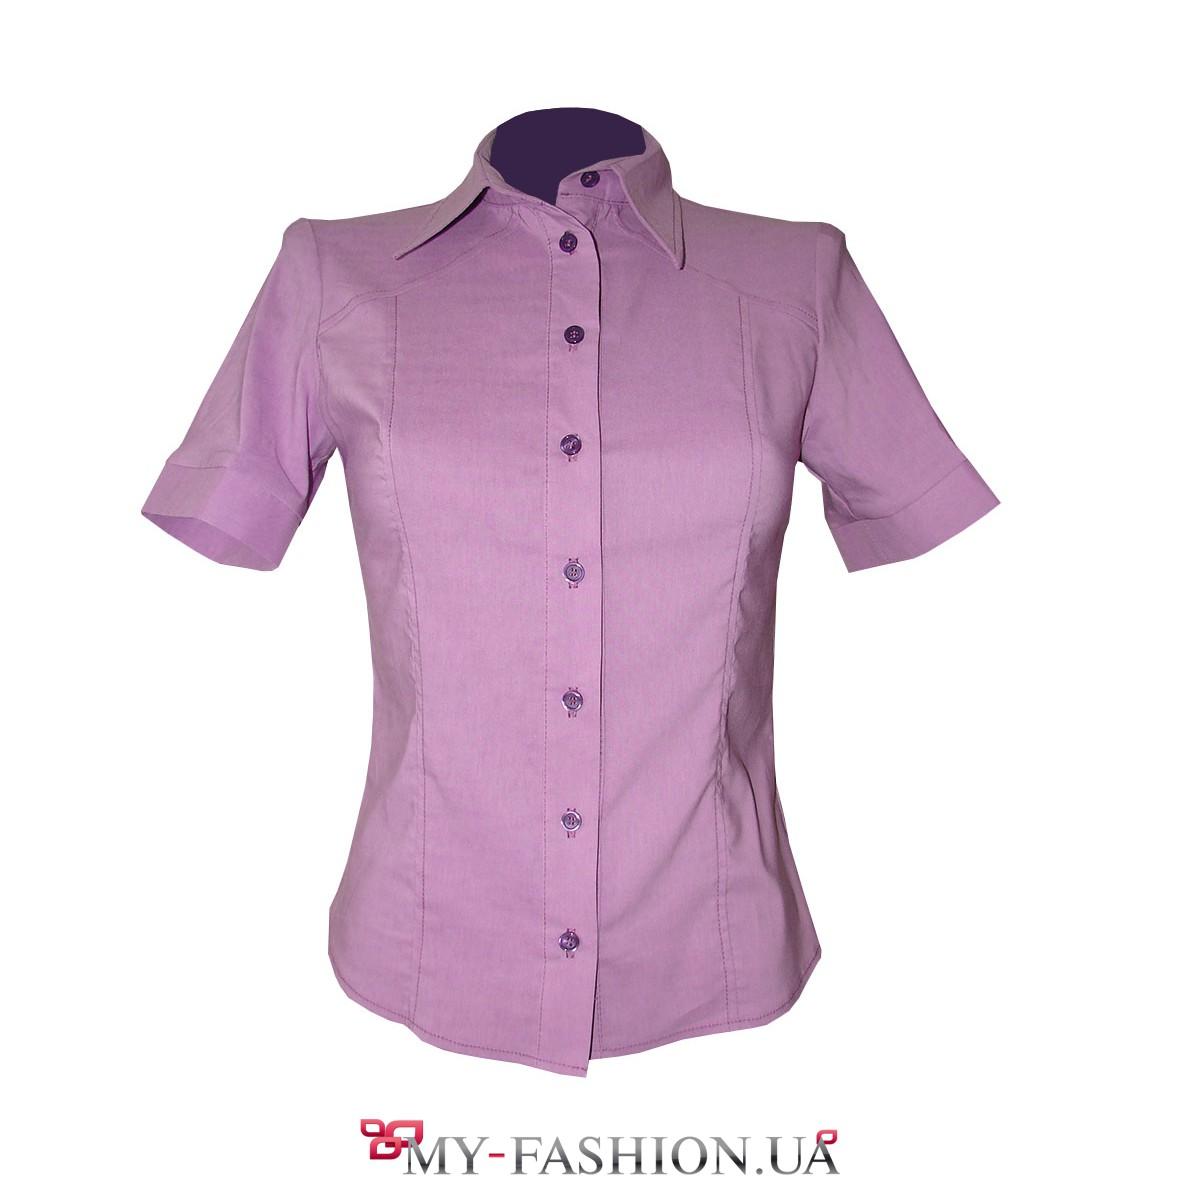 Классическая женская одежда где купить